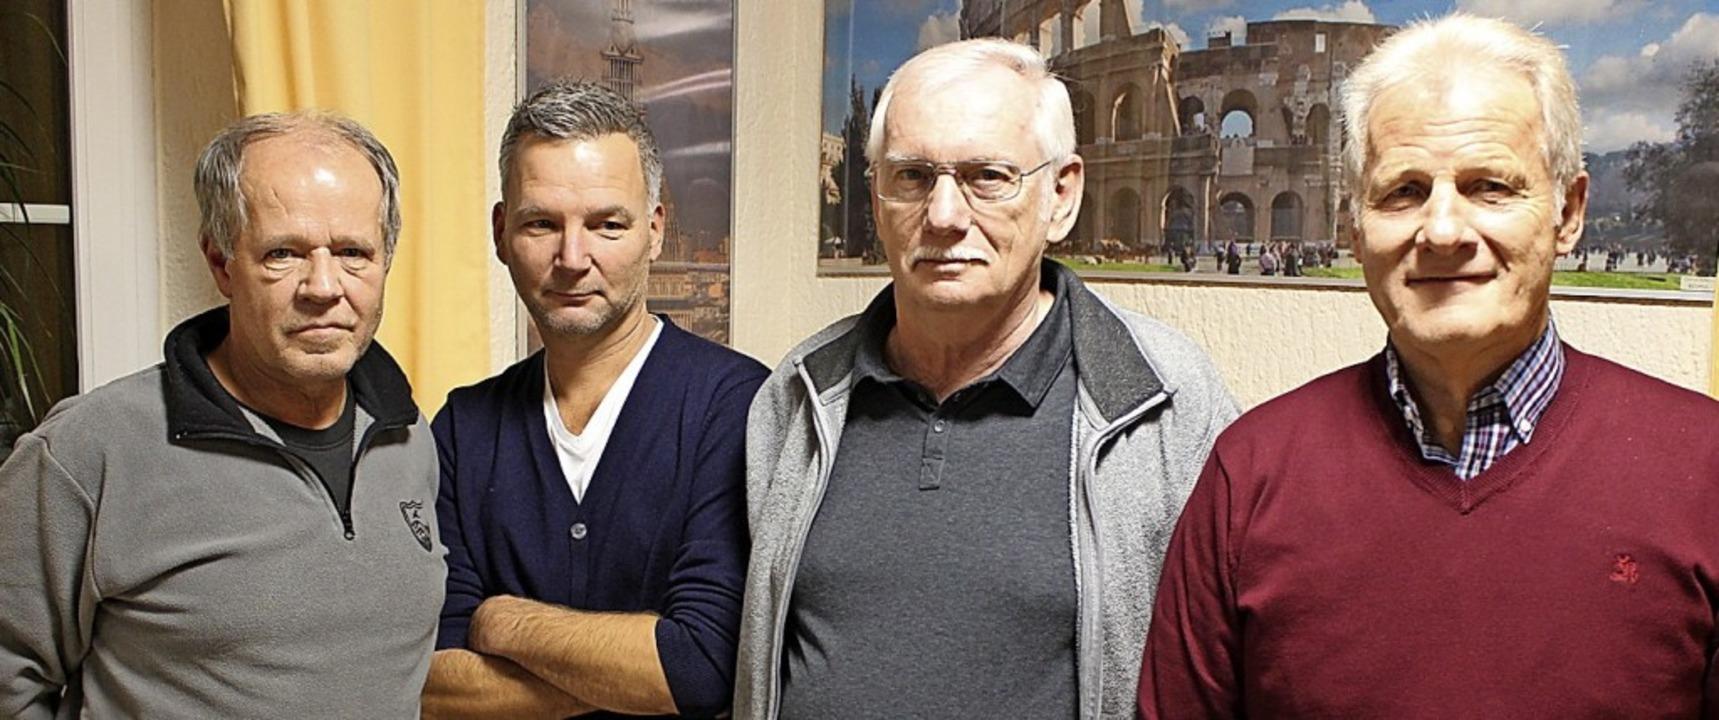 Die Wehrer Kreuzretter stellen sich ne...aus-Dieter Kasprzak und Wolfgang Fügle    Foto: Hansjörg Bader